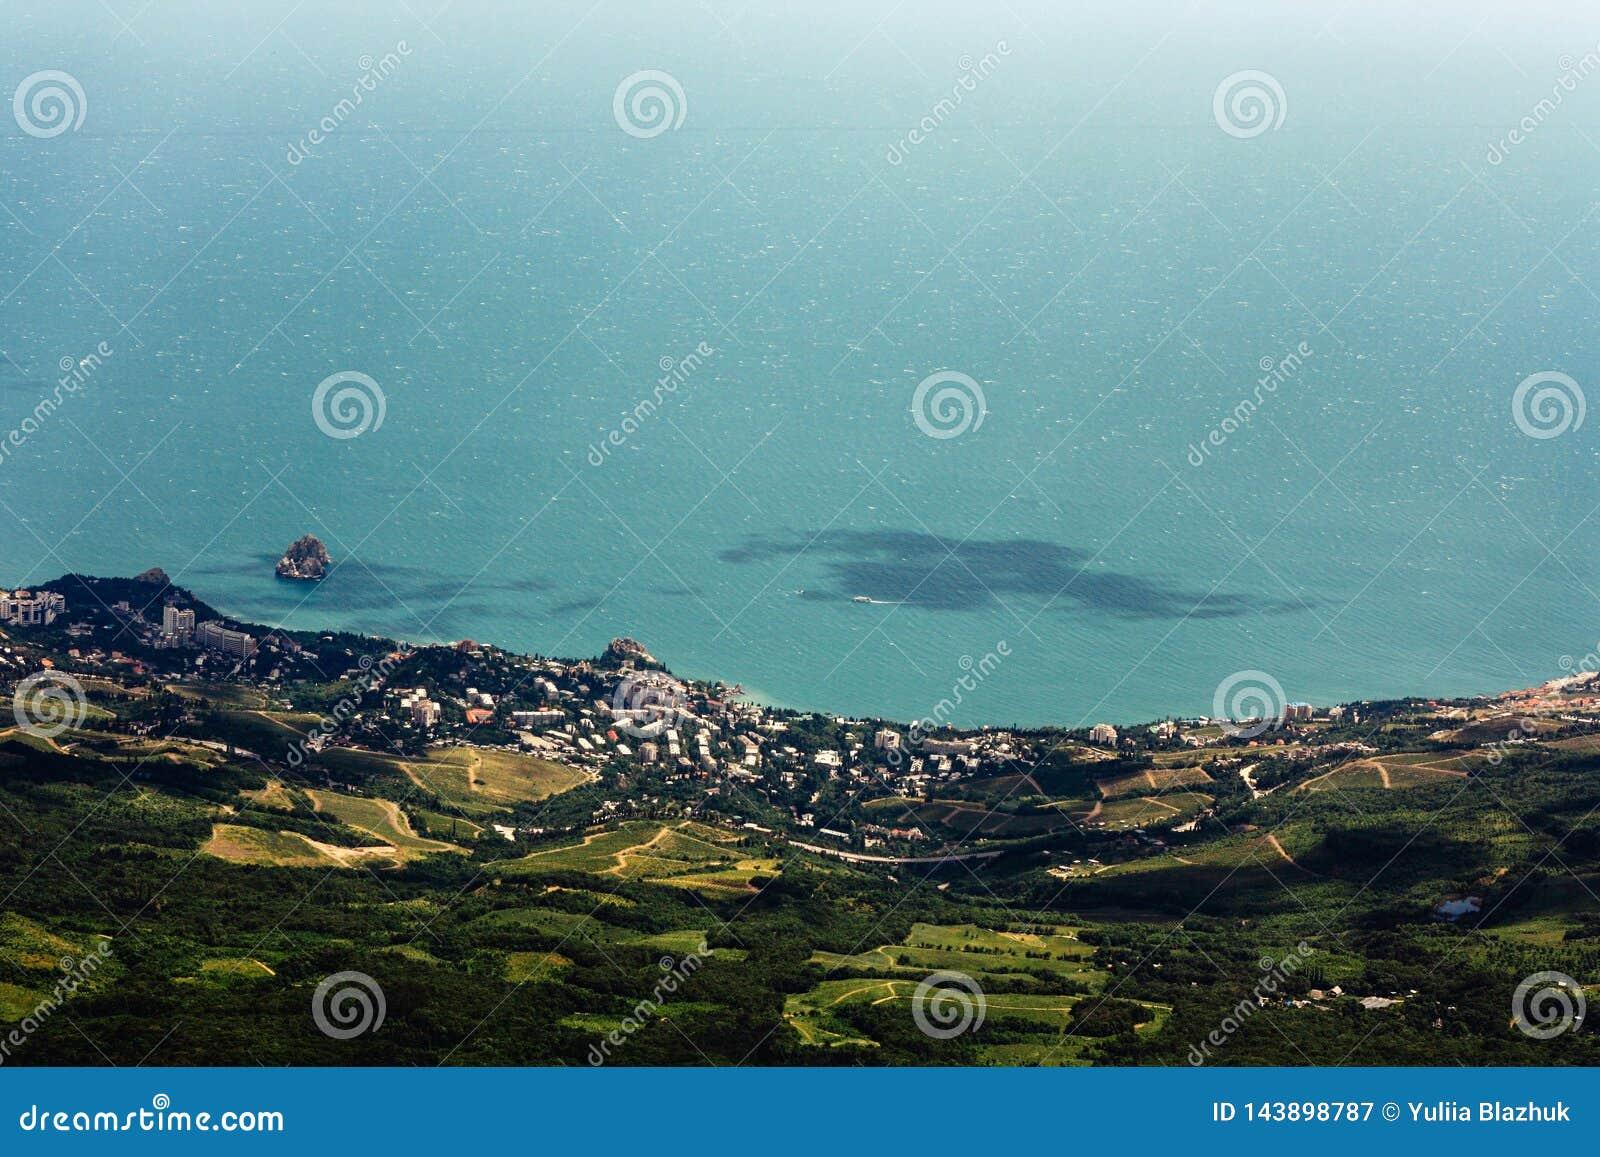 Τοπ άποψη της παραλίας με το δάσος, τα κτήρια και το μπλε νερό